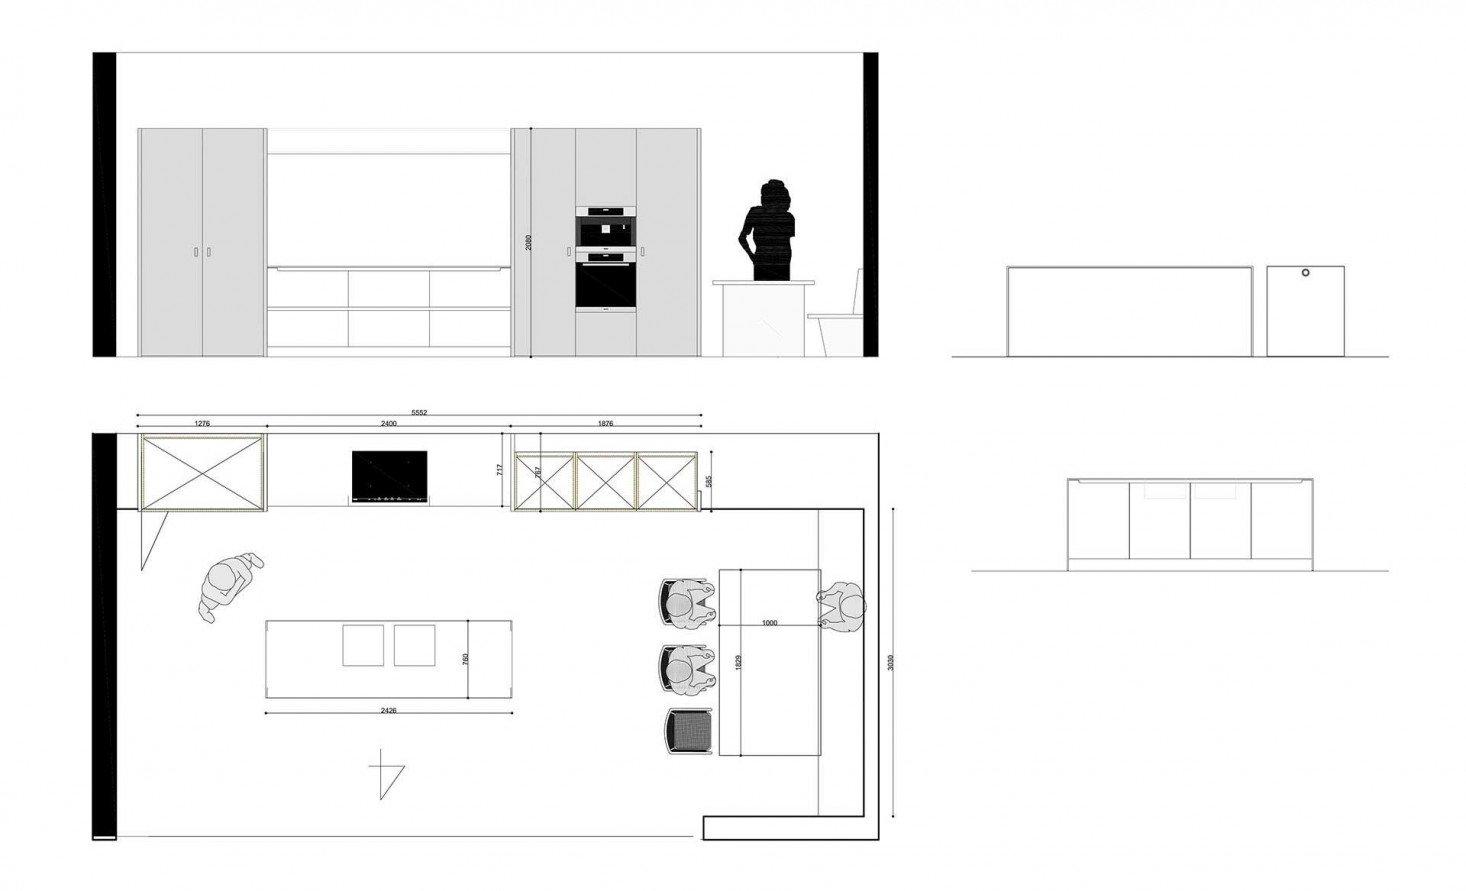 Toonzaalkeuken-BeverenWaas-BOX4-Ontario-WilsonEik-grondplan.jpg